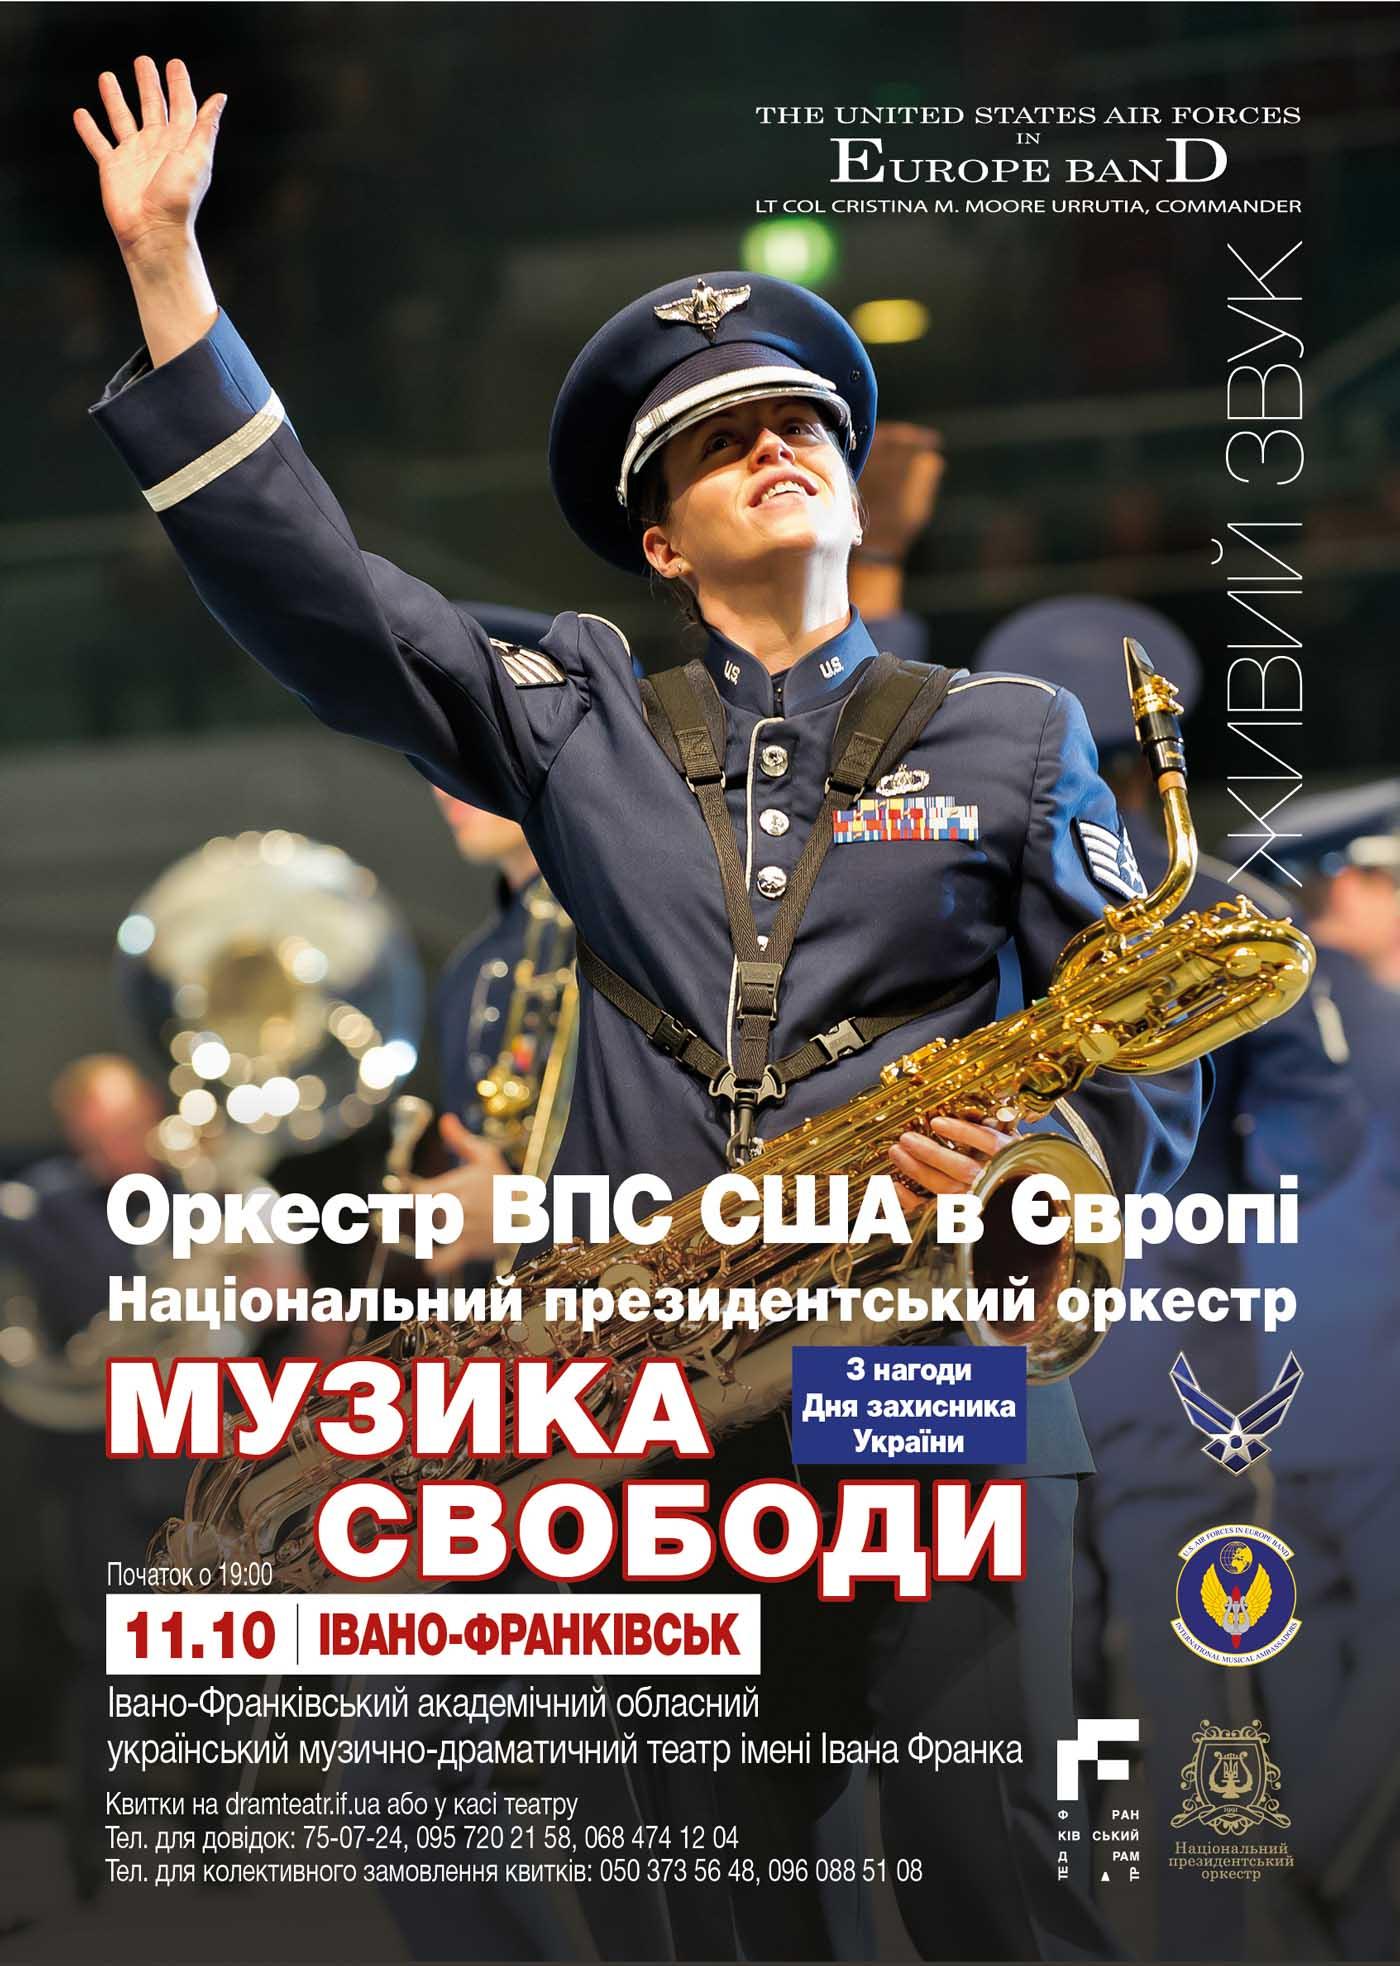 https://galka.if.ua/app/uploads/2019/10/Afisha_USAFE_2019_I_Frankivsk.jpg